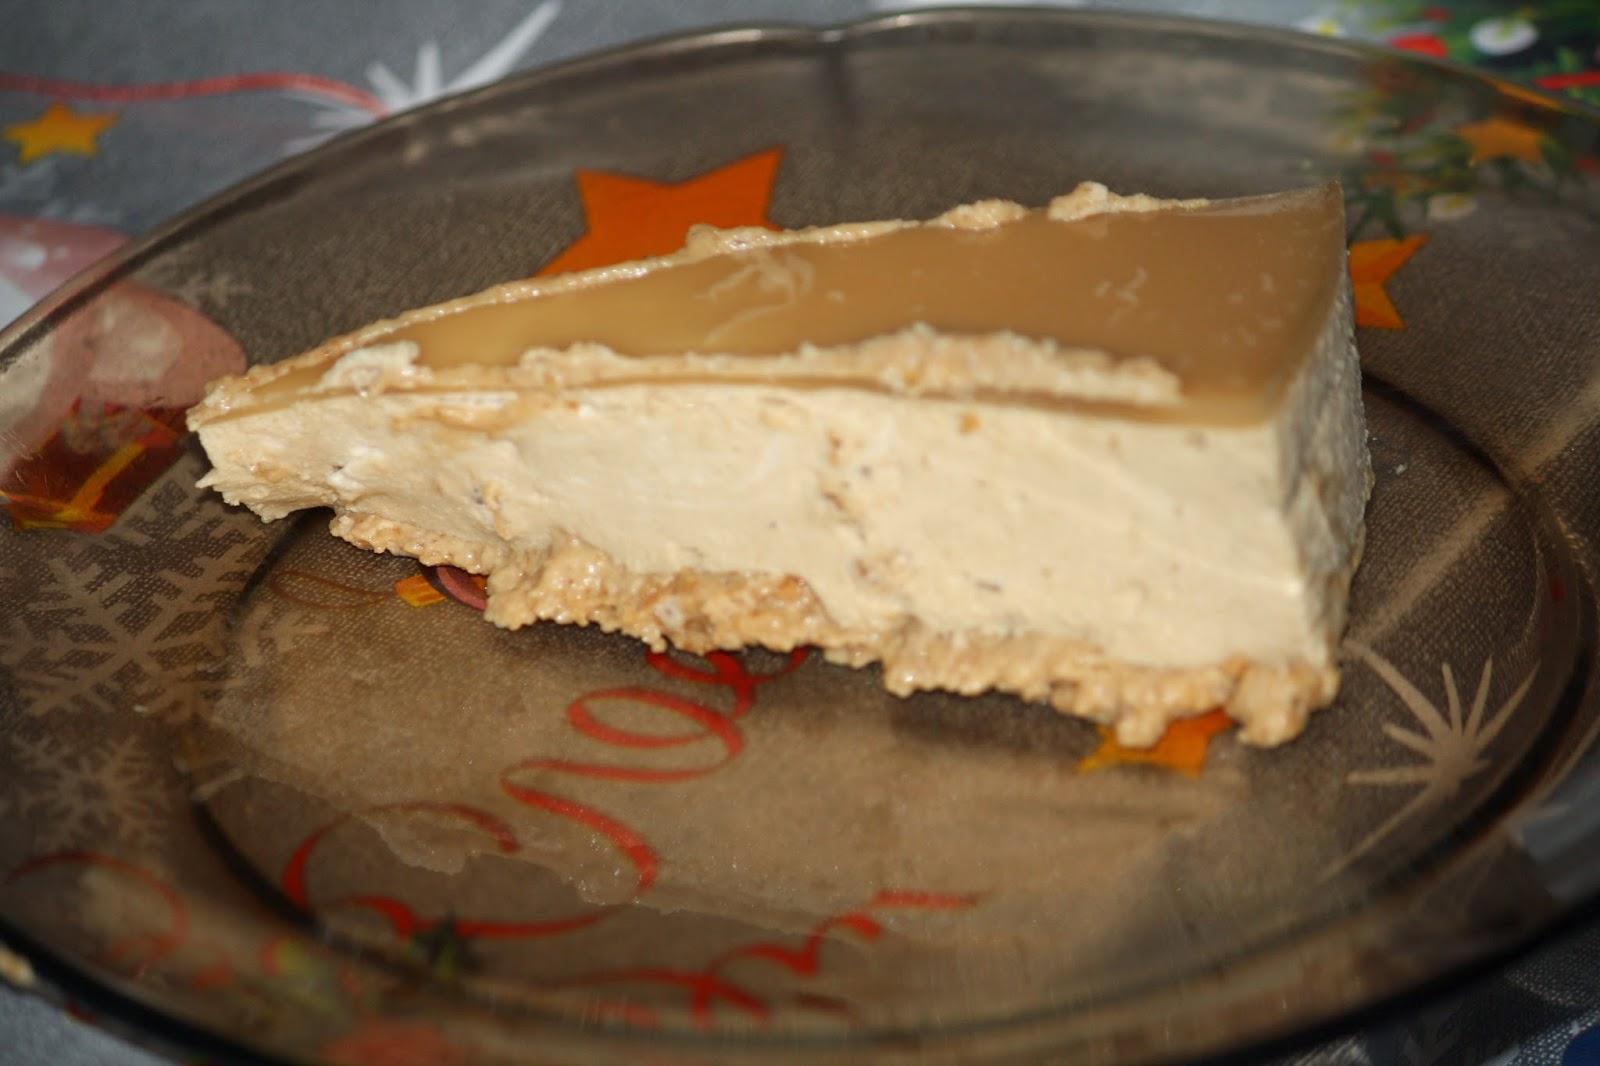 Tarta  de capuchino al caramelo